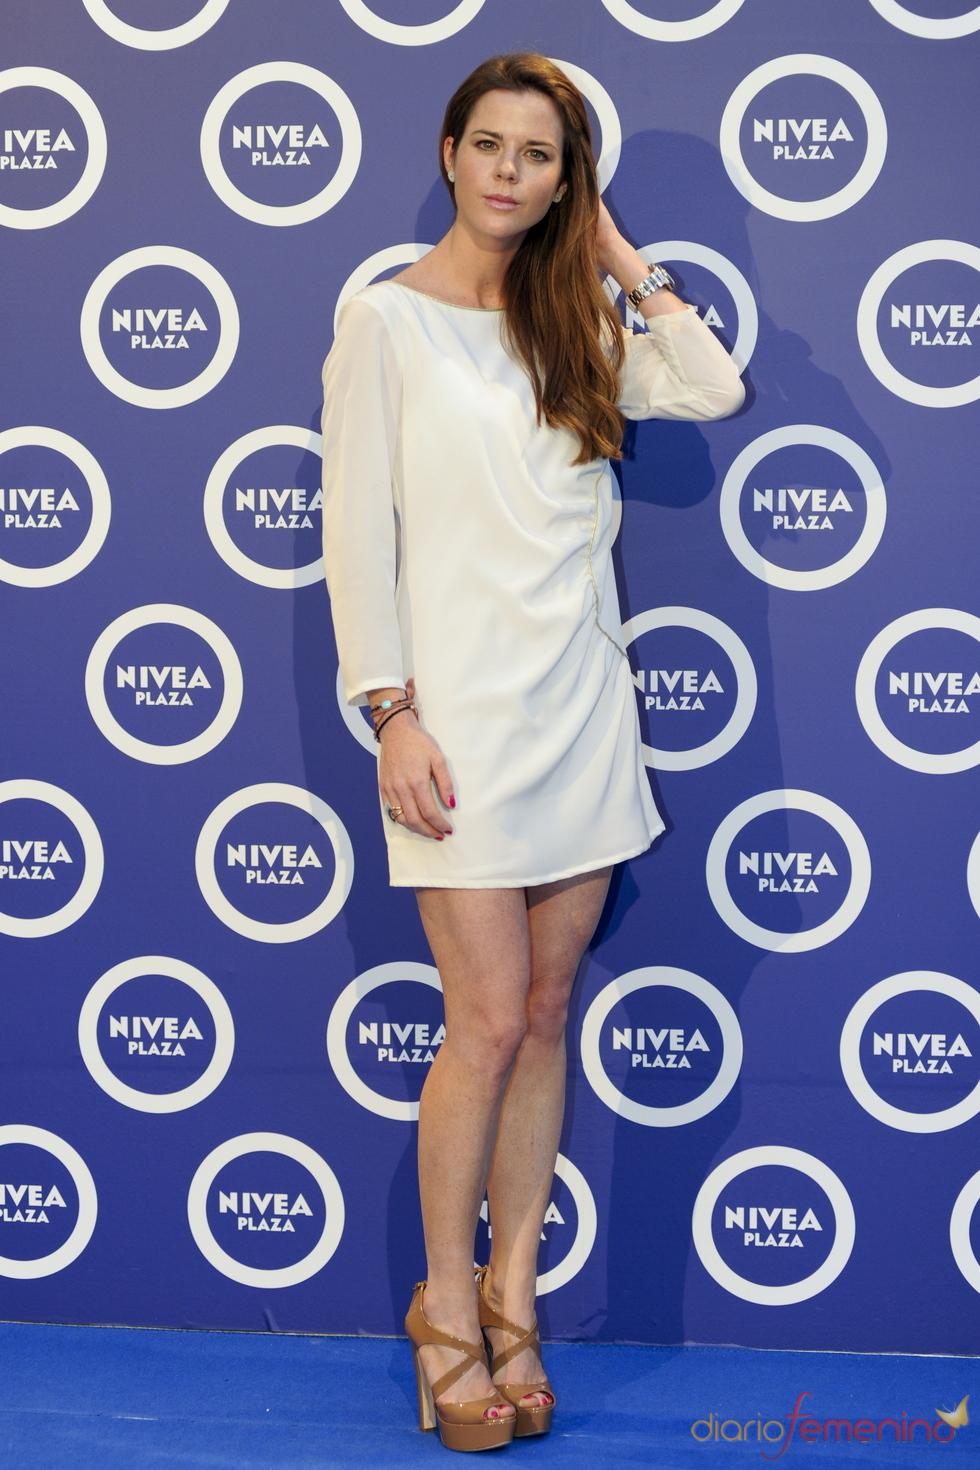 Amelia Bono en la celebración de los cien años de la marca Nivea